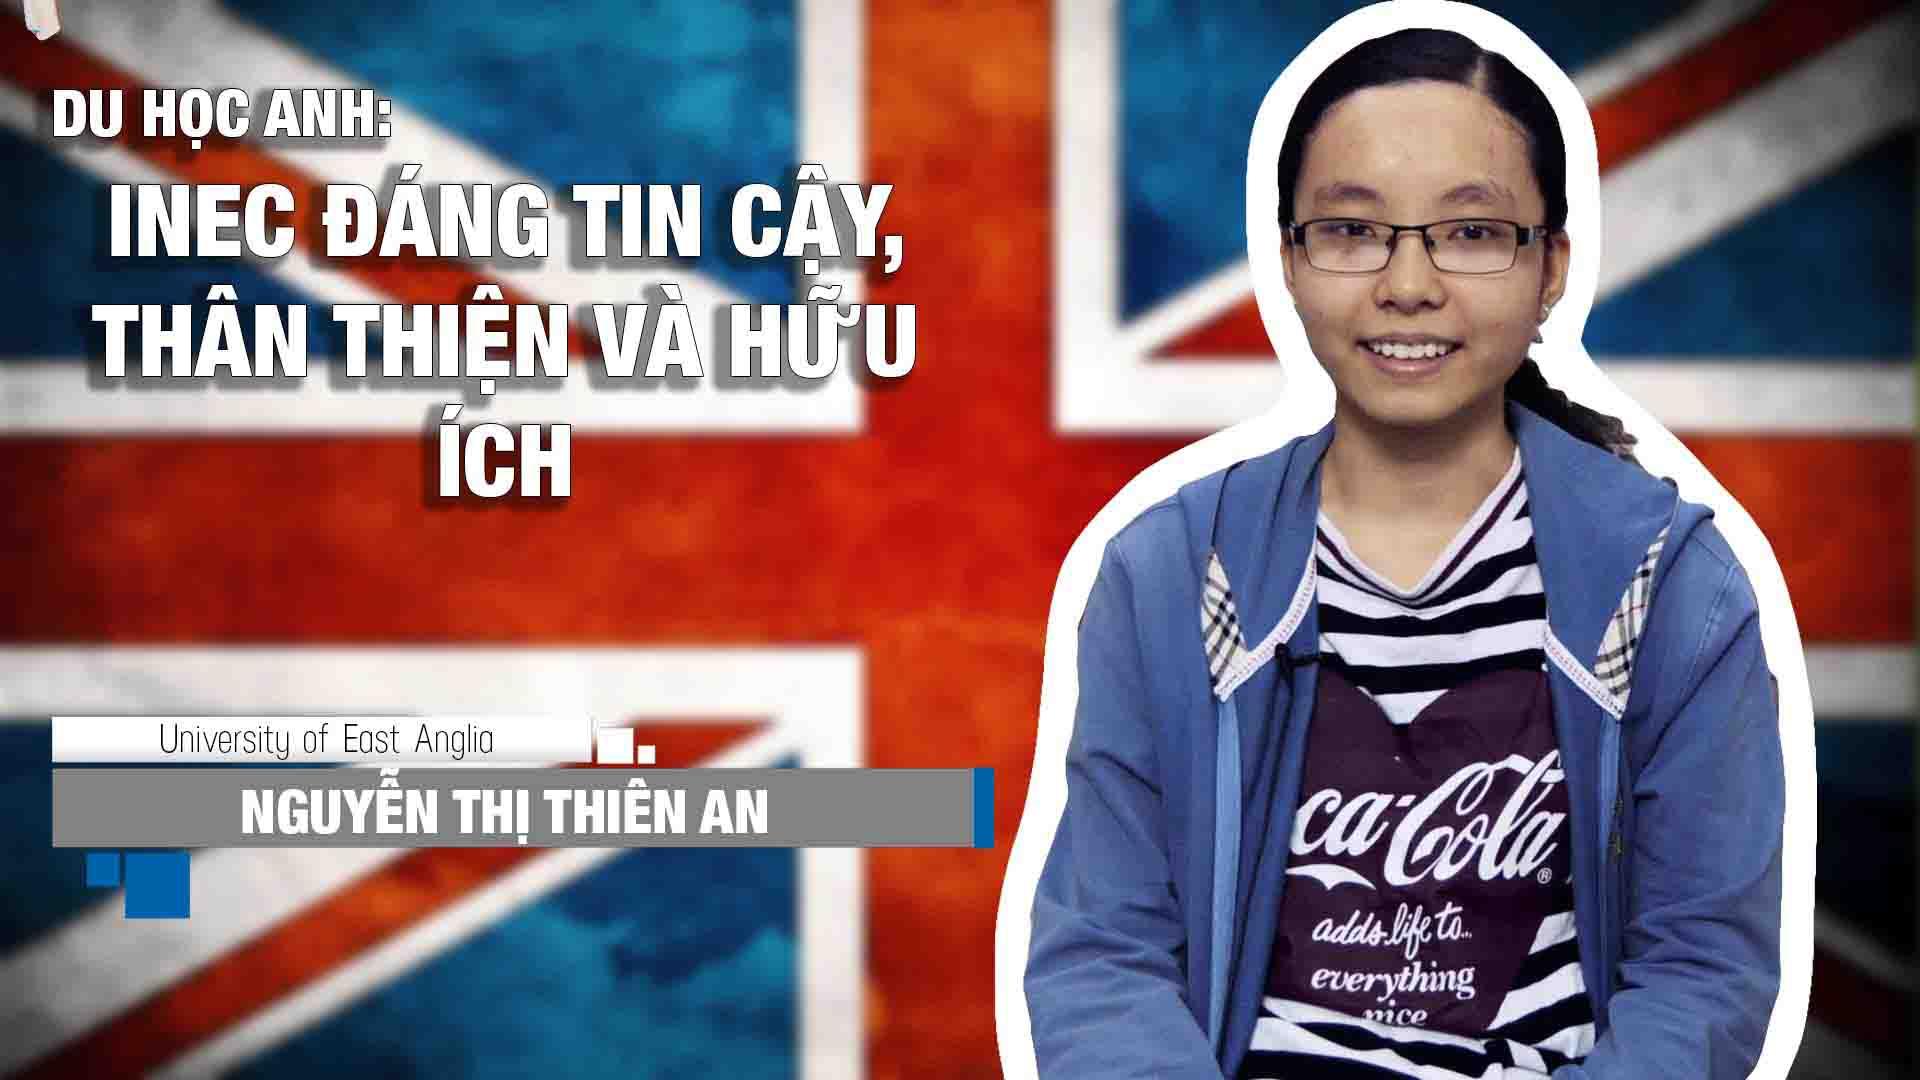 Nguyễn Thị Thiên An hiện là sinh viên của trường Đại học East Anglia (UEA), chương trình Cử nhân ngành Nghiên cứu Truyền thông. Trước khi bước vào chương trình chính khóa này Thiên An đã phải trải qua khóa dự bị đại học 1 năm ngành Nhân văn và Luật tại INTO East Anglia (INTO UEA).